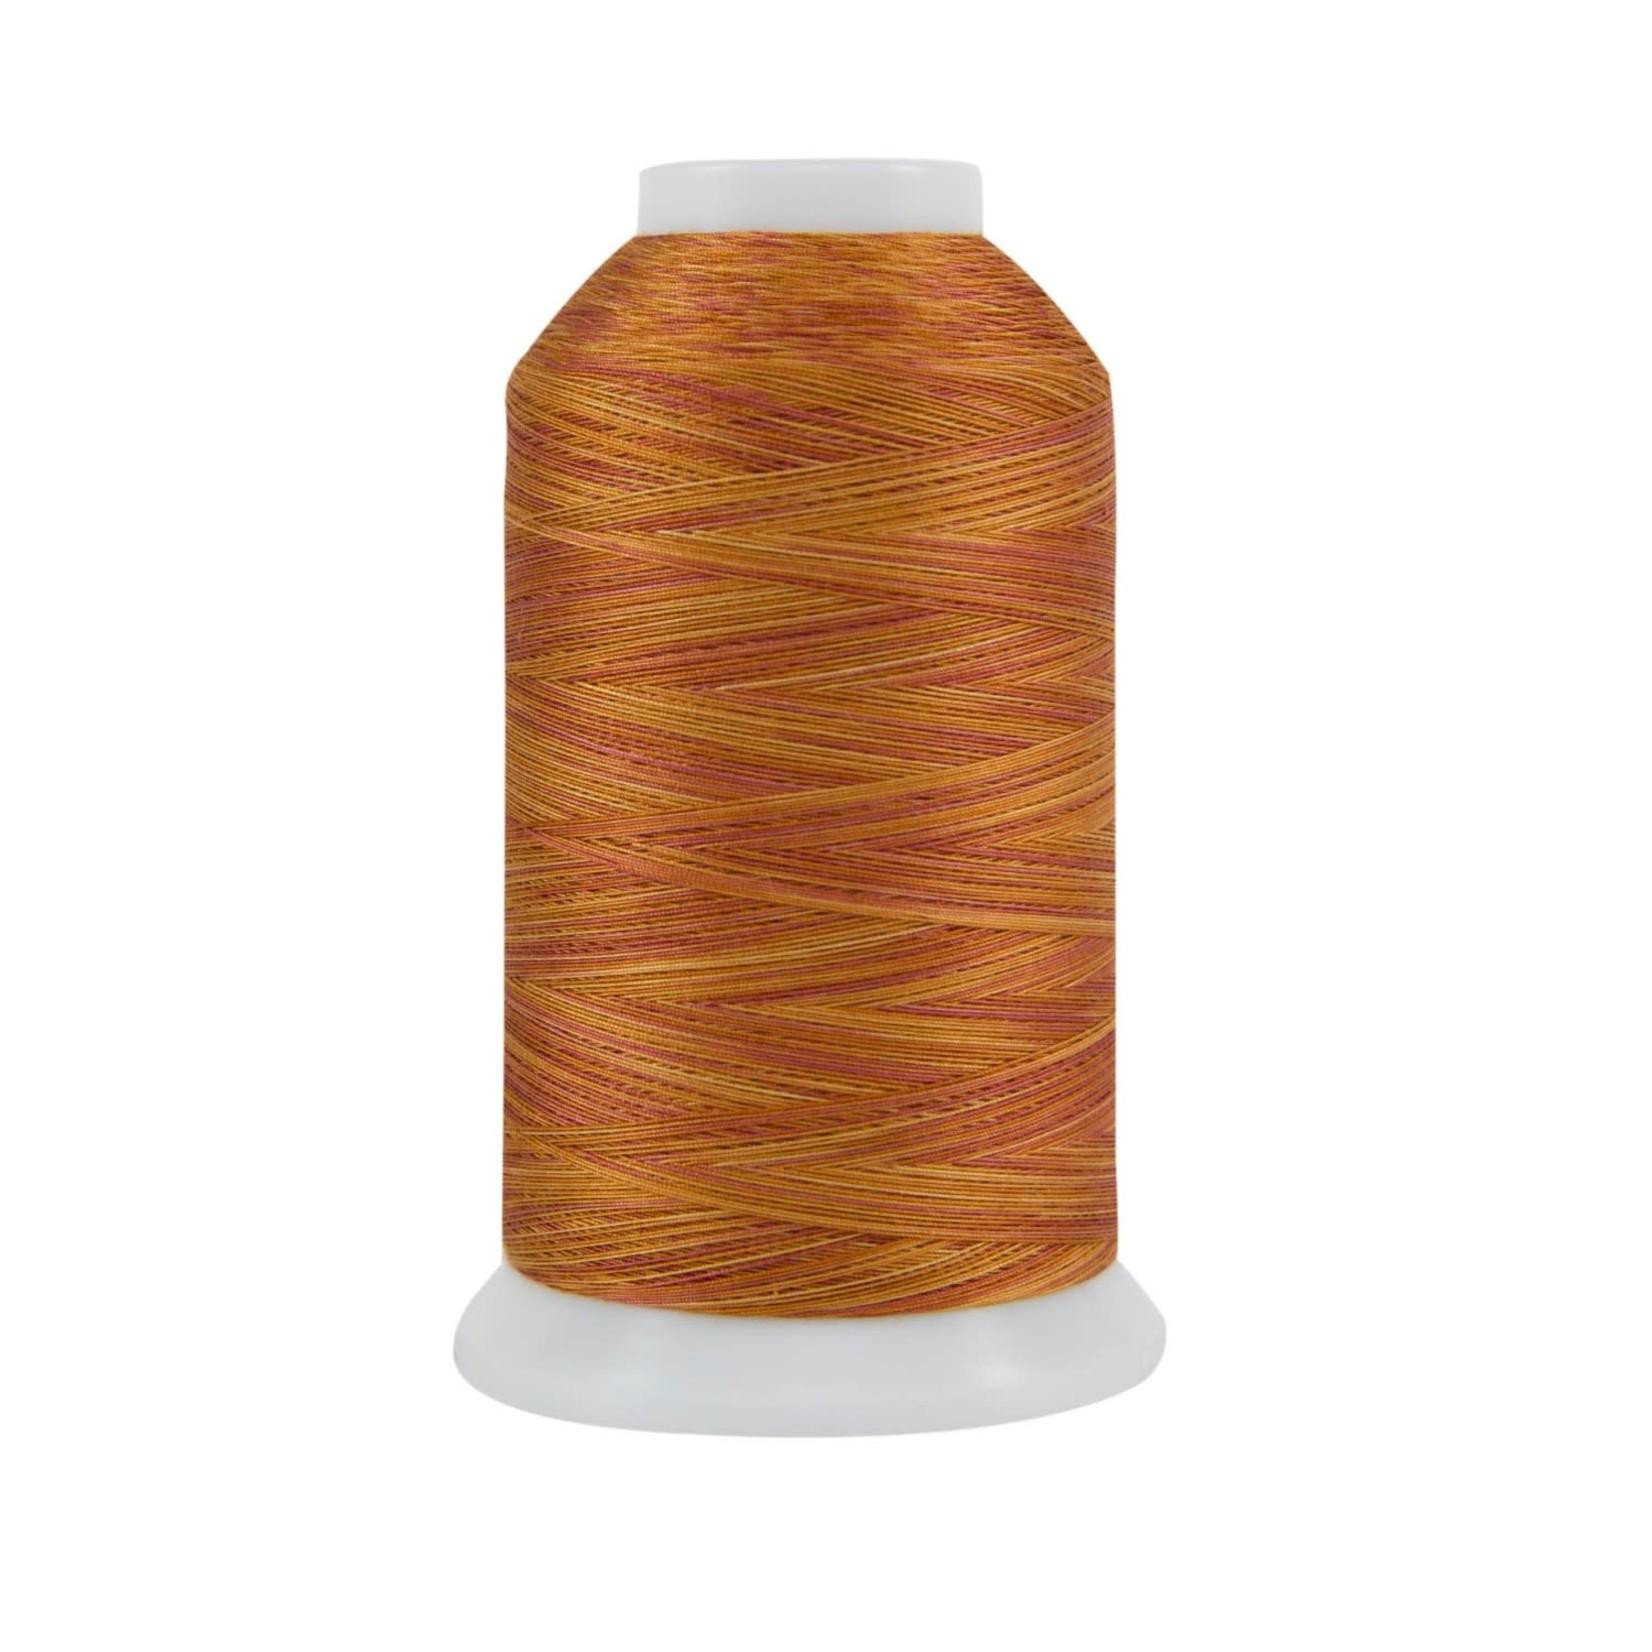 Superior Threads King Tut - #40 - 1828 m - 0911 Flower Pot